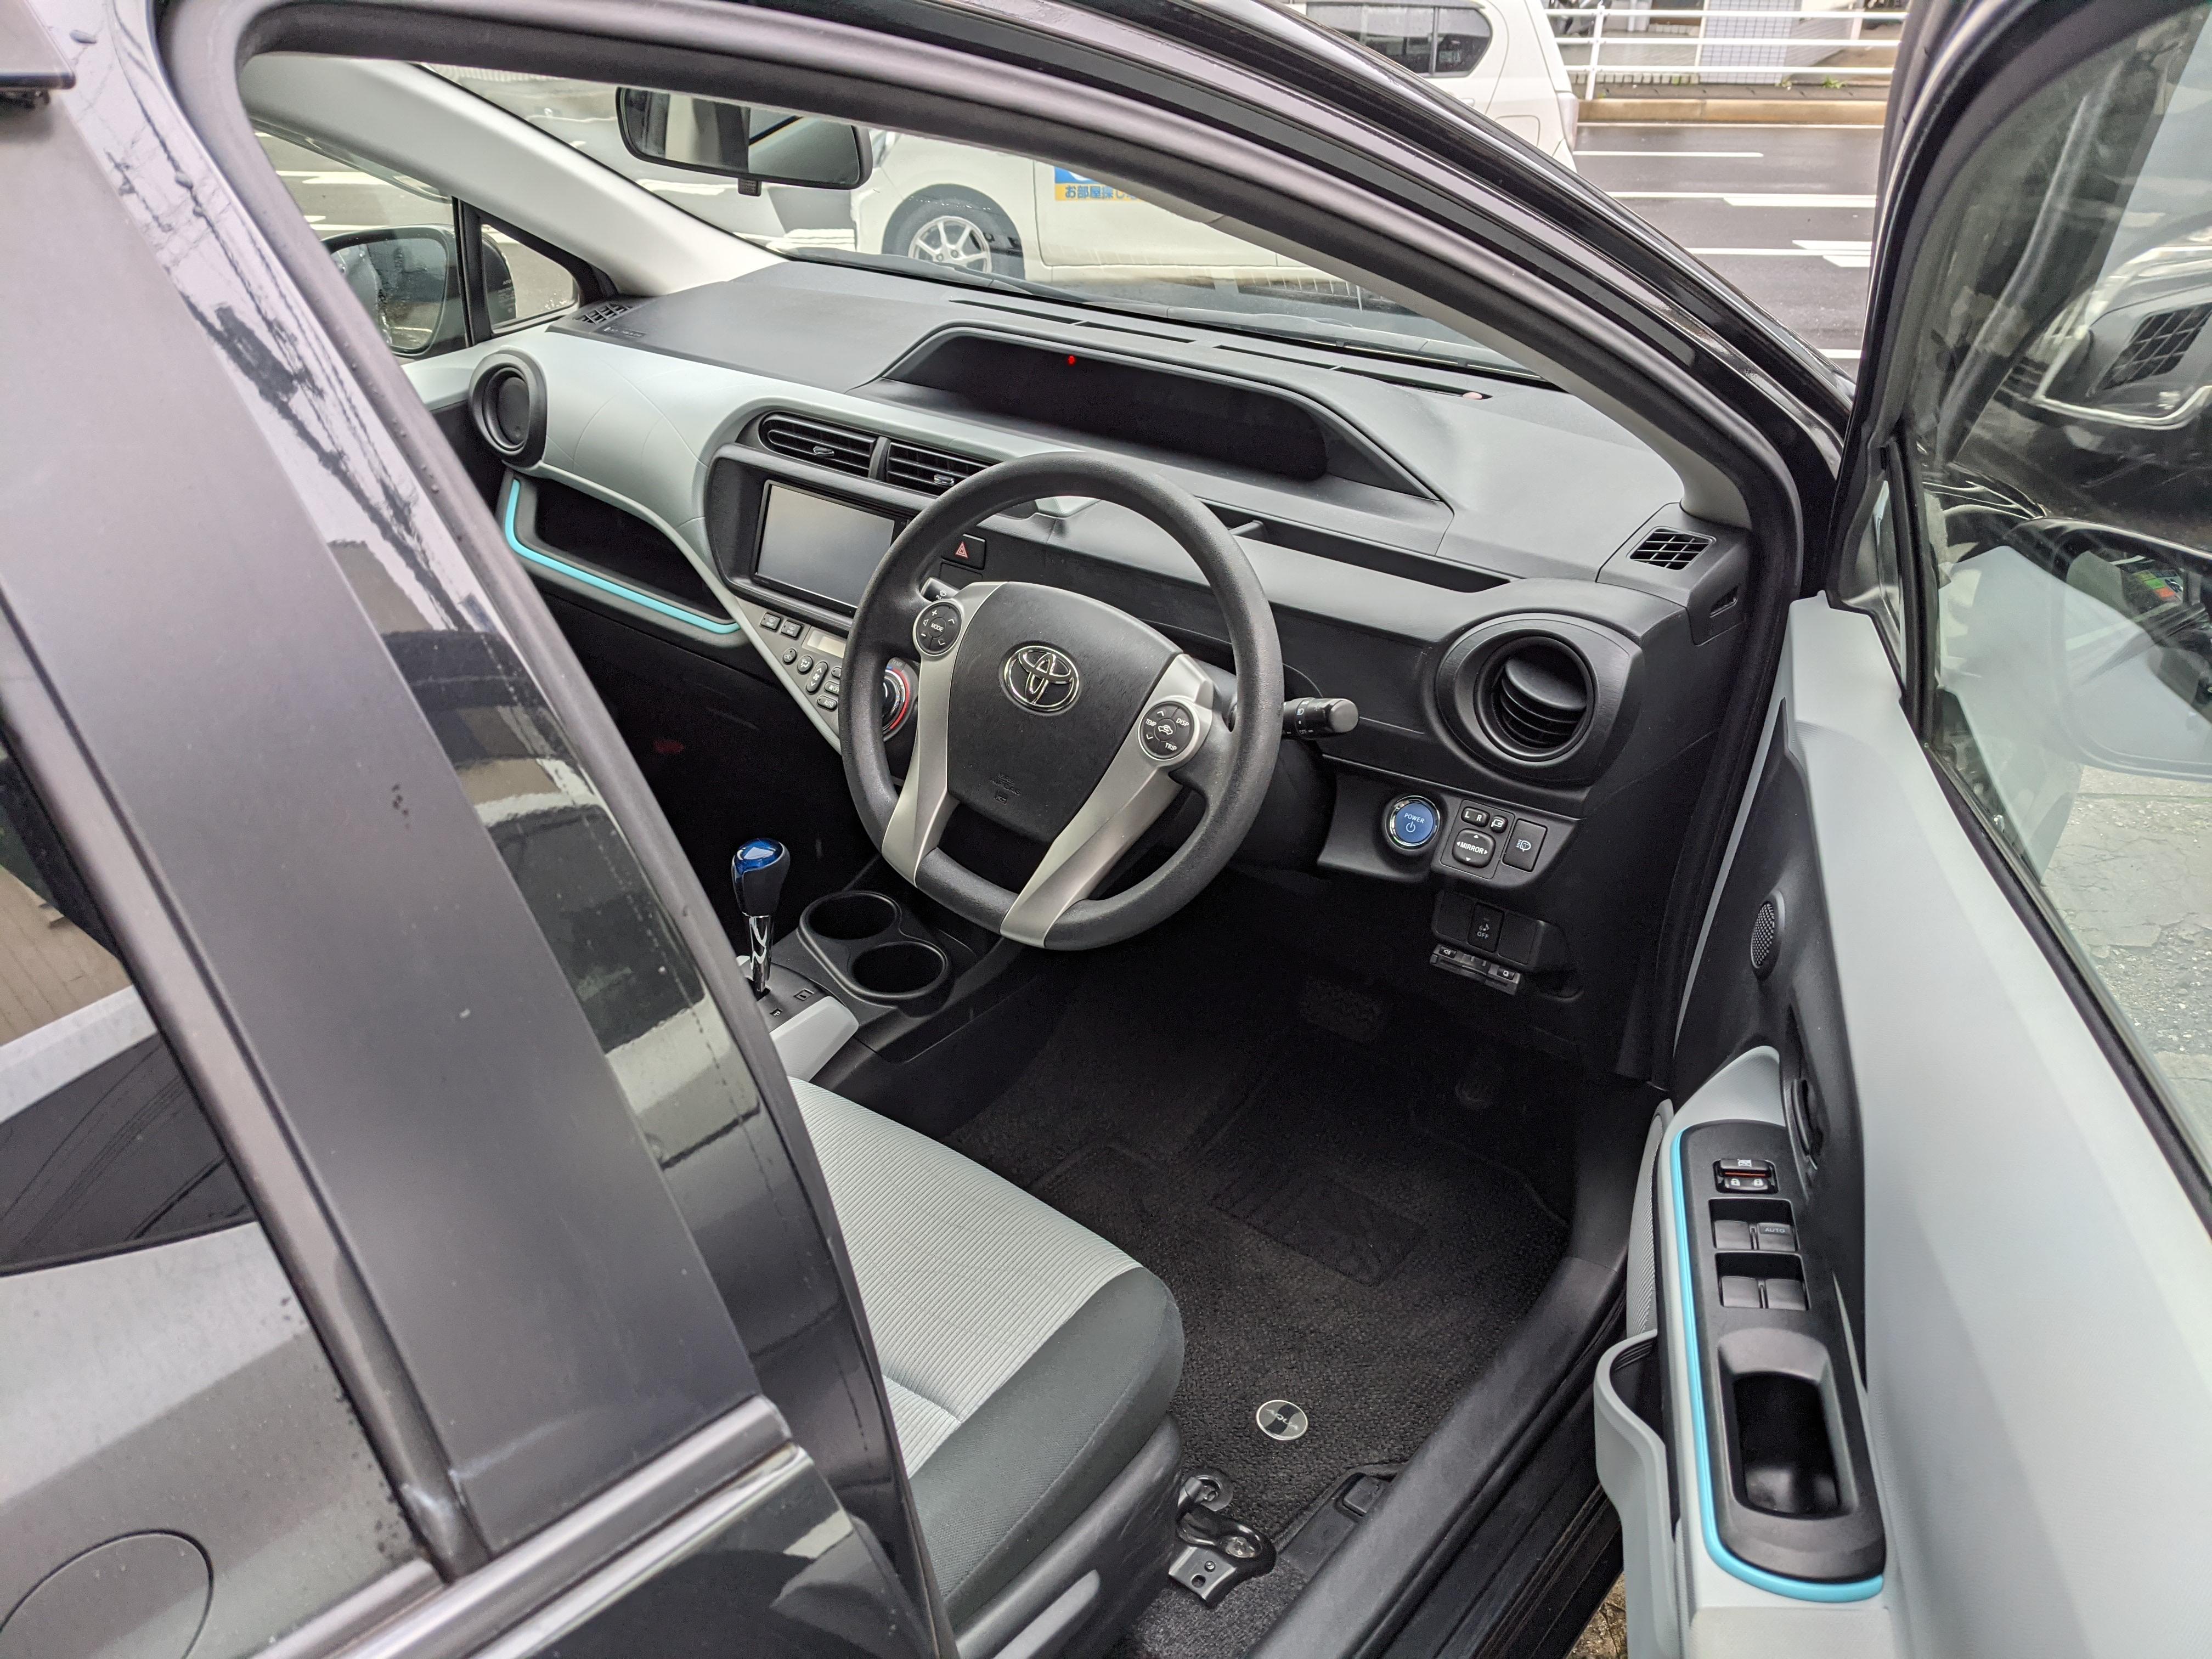 トヨタアクア5ドアS スマートエントリーPKGの車両写真 その8